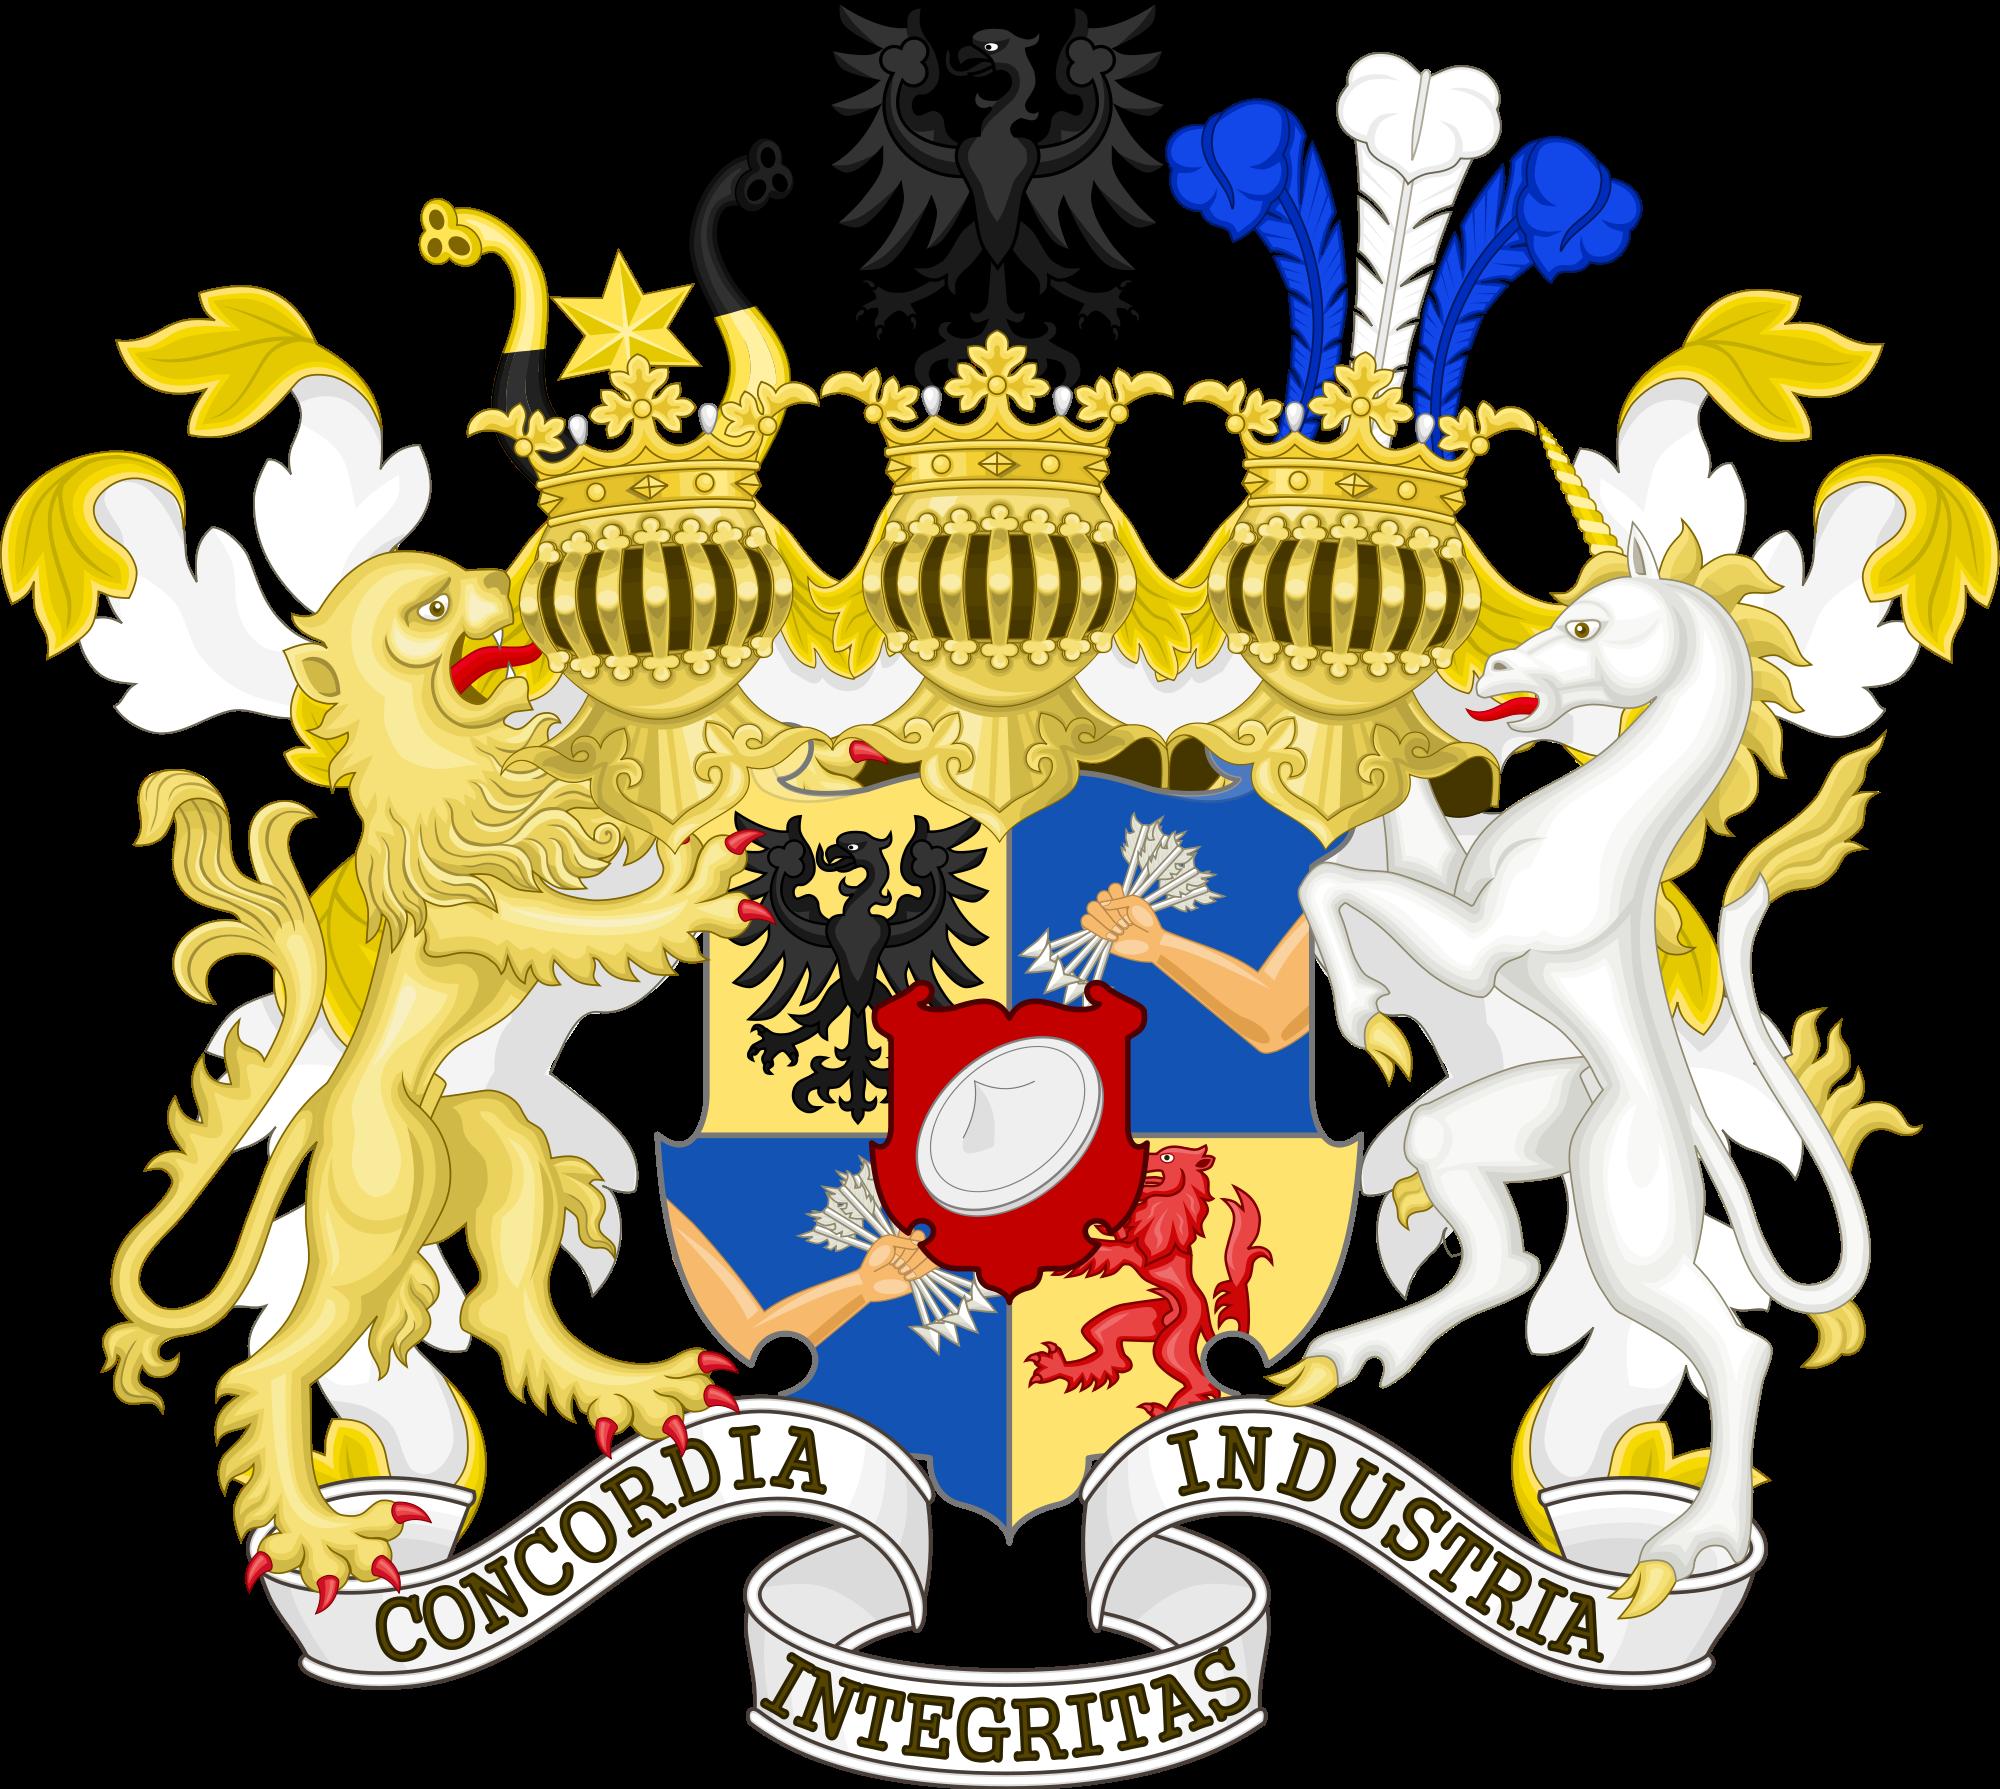 Σύμβολα καὶ οἰκόσημα...2 Rothschild